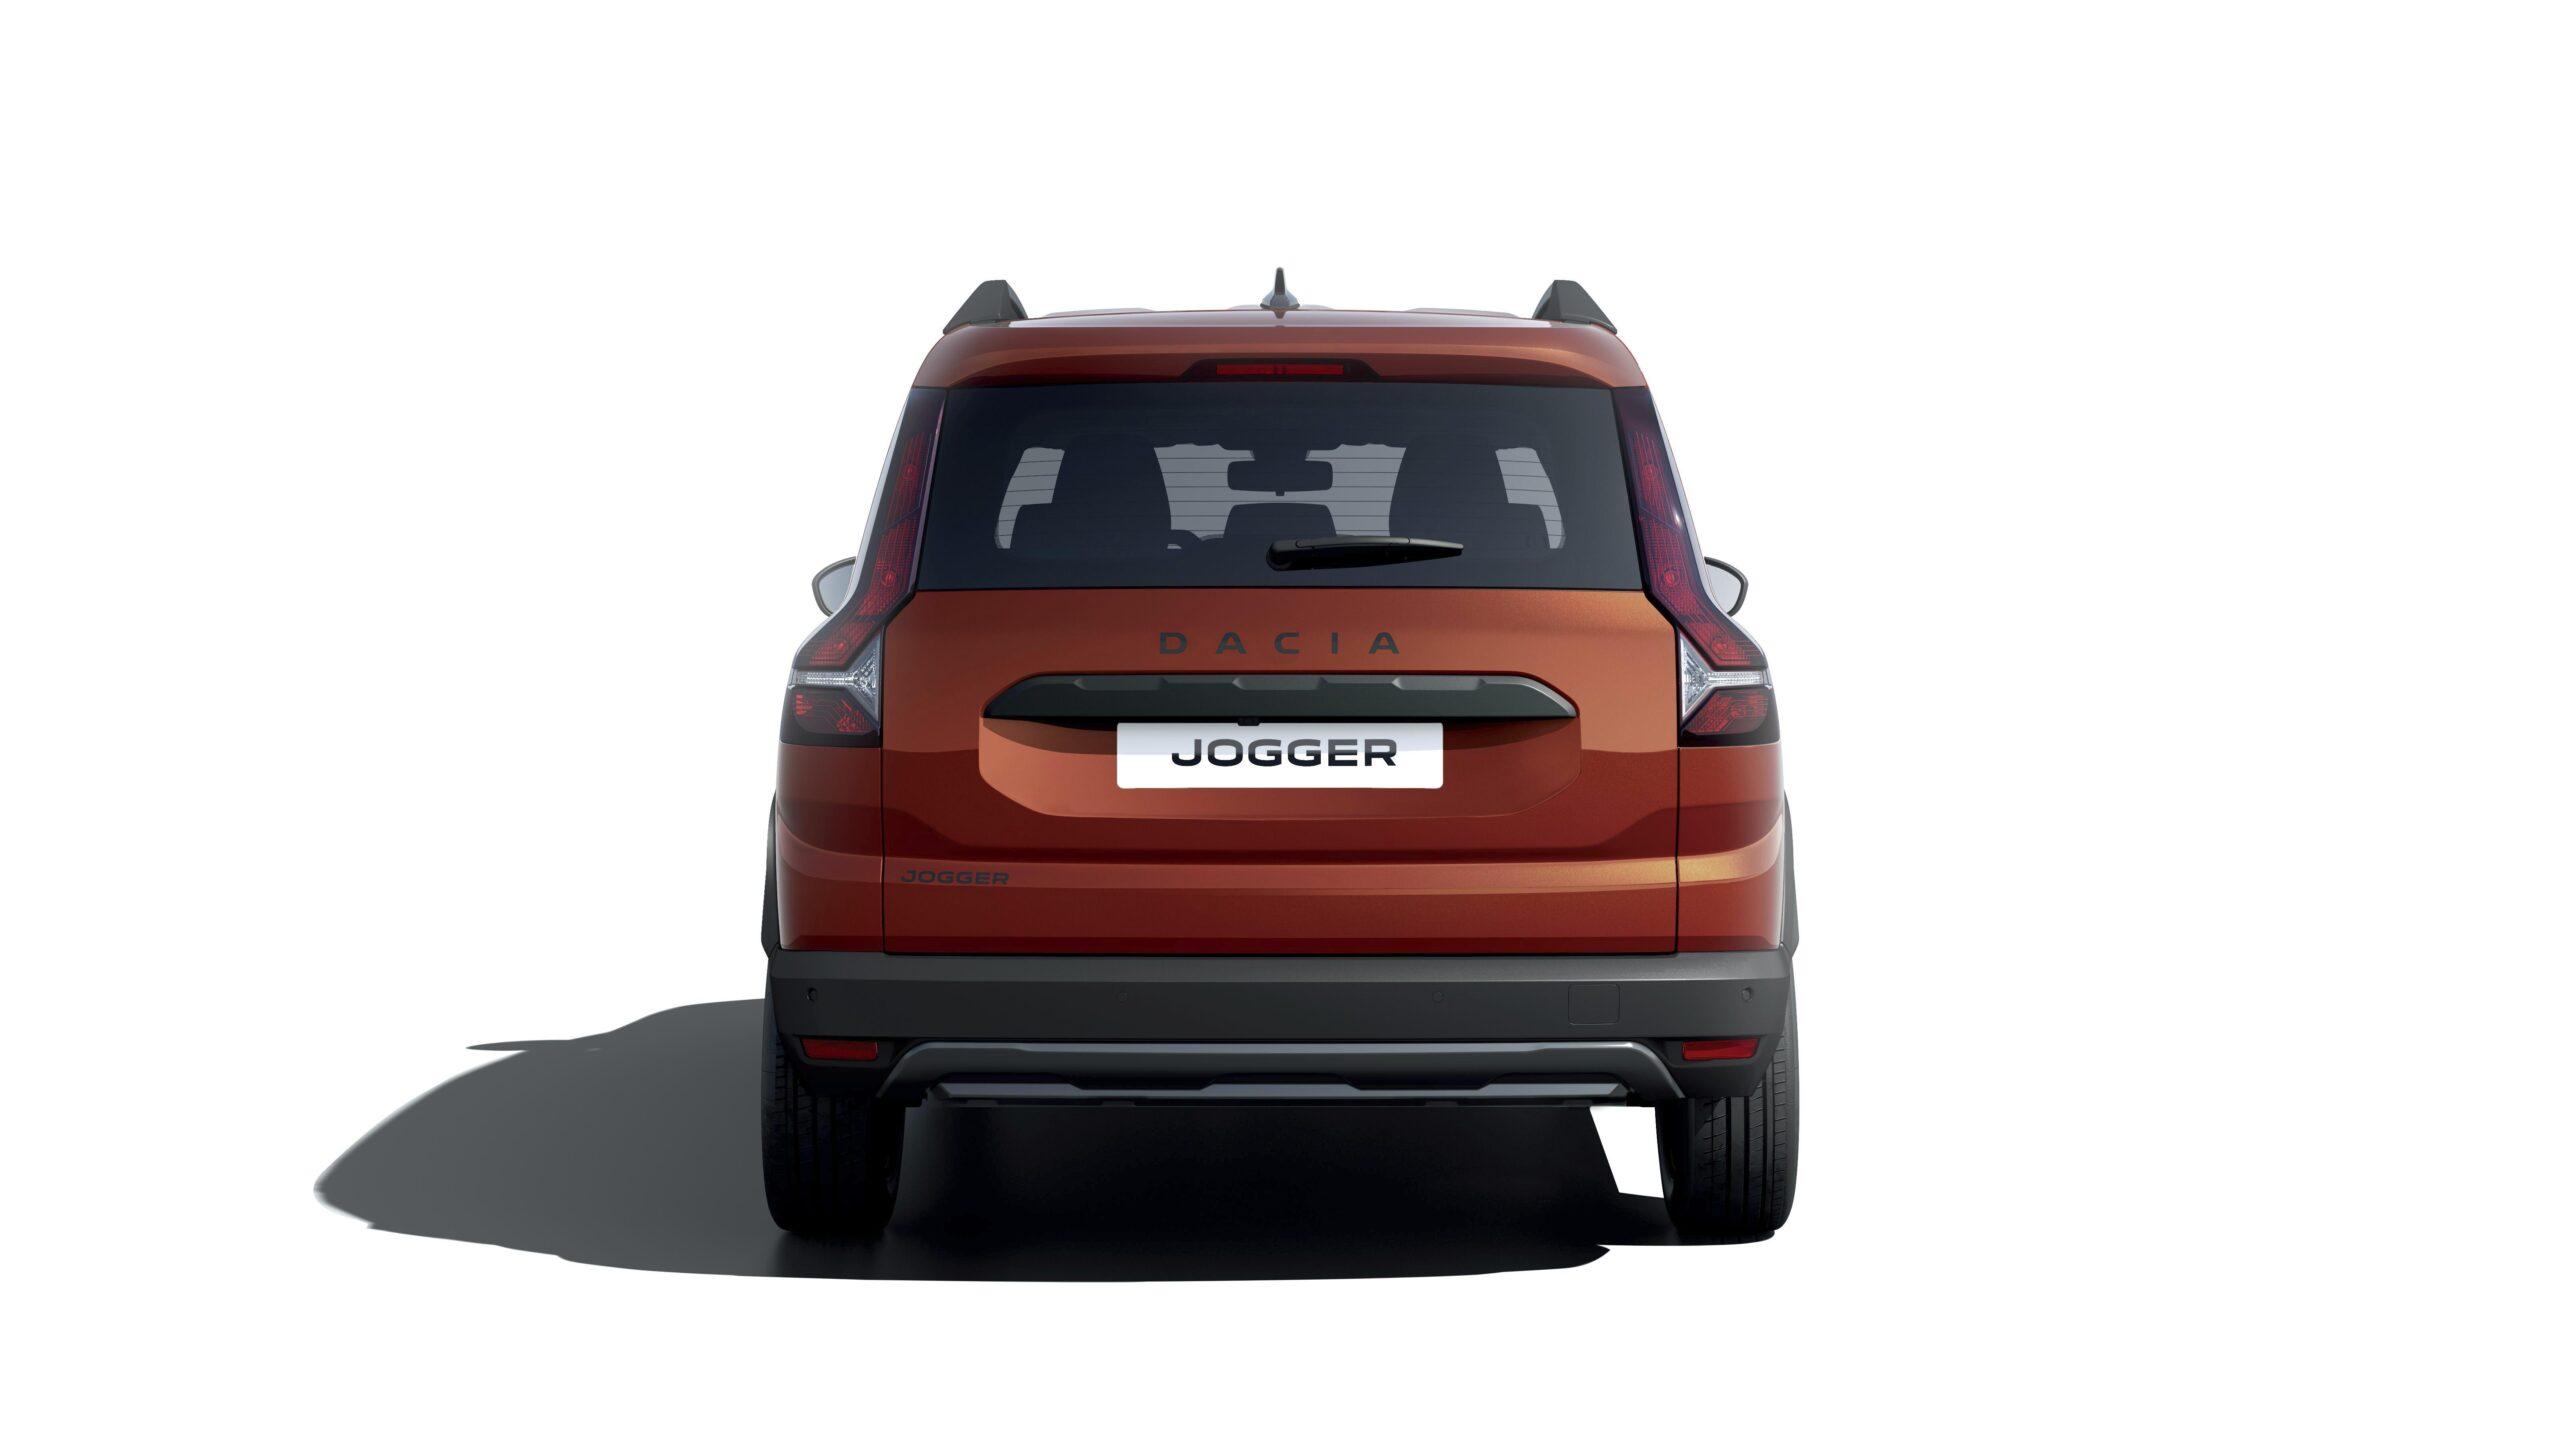 Dacia Jogger 2